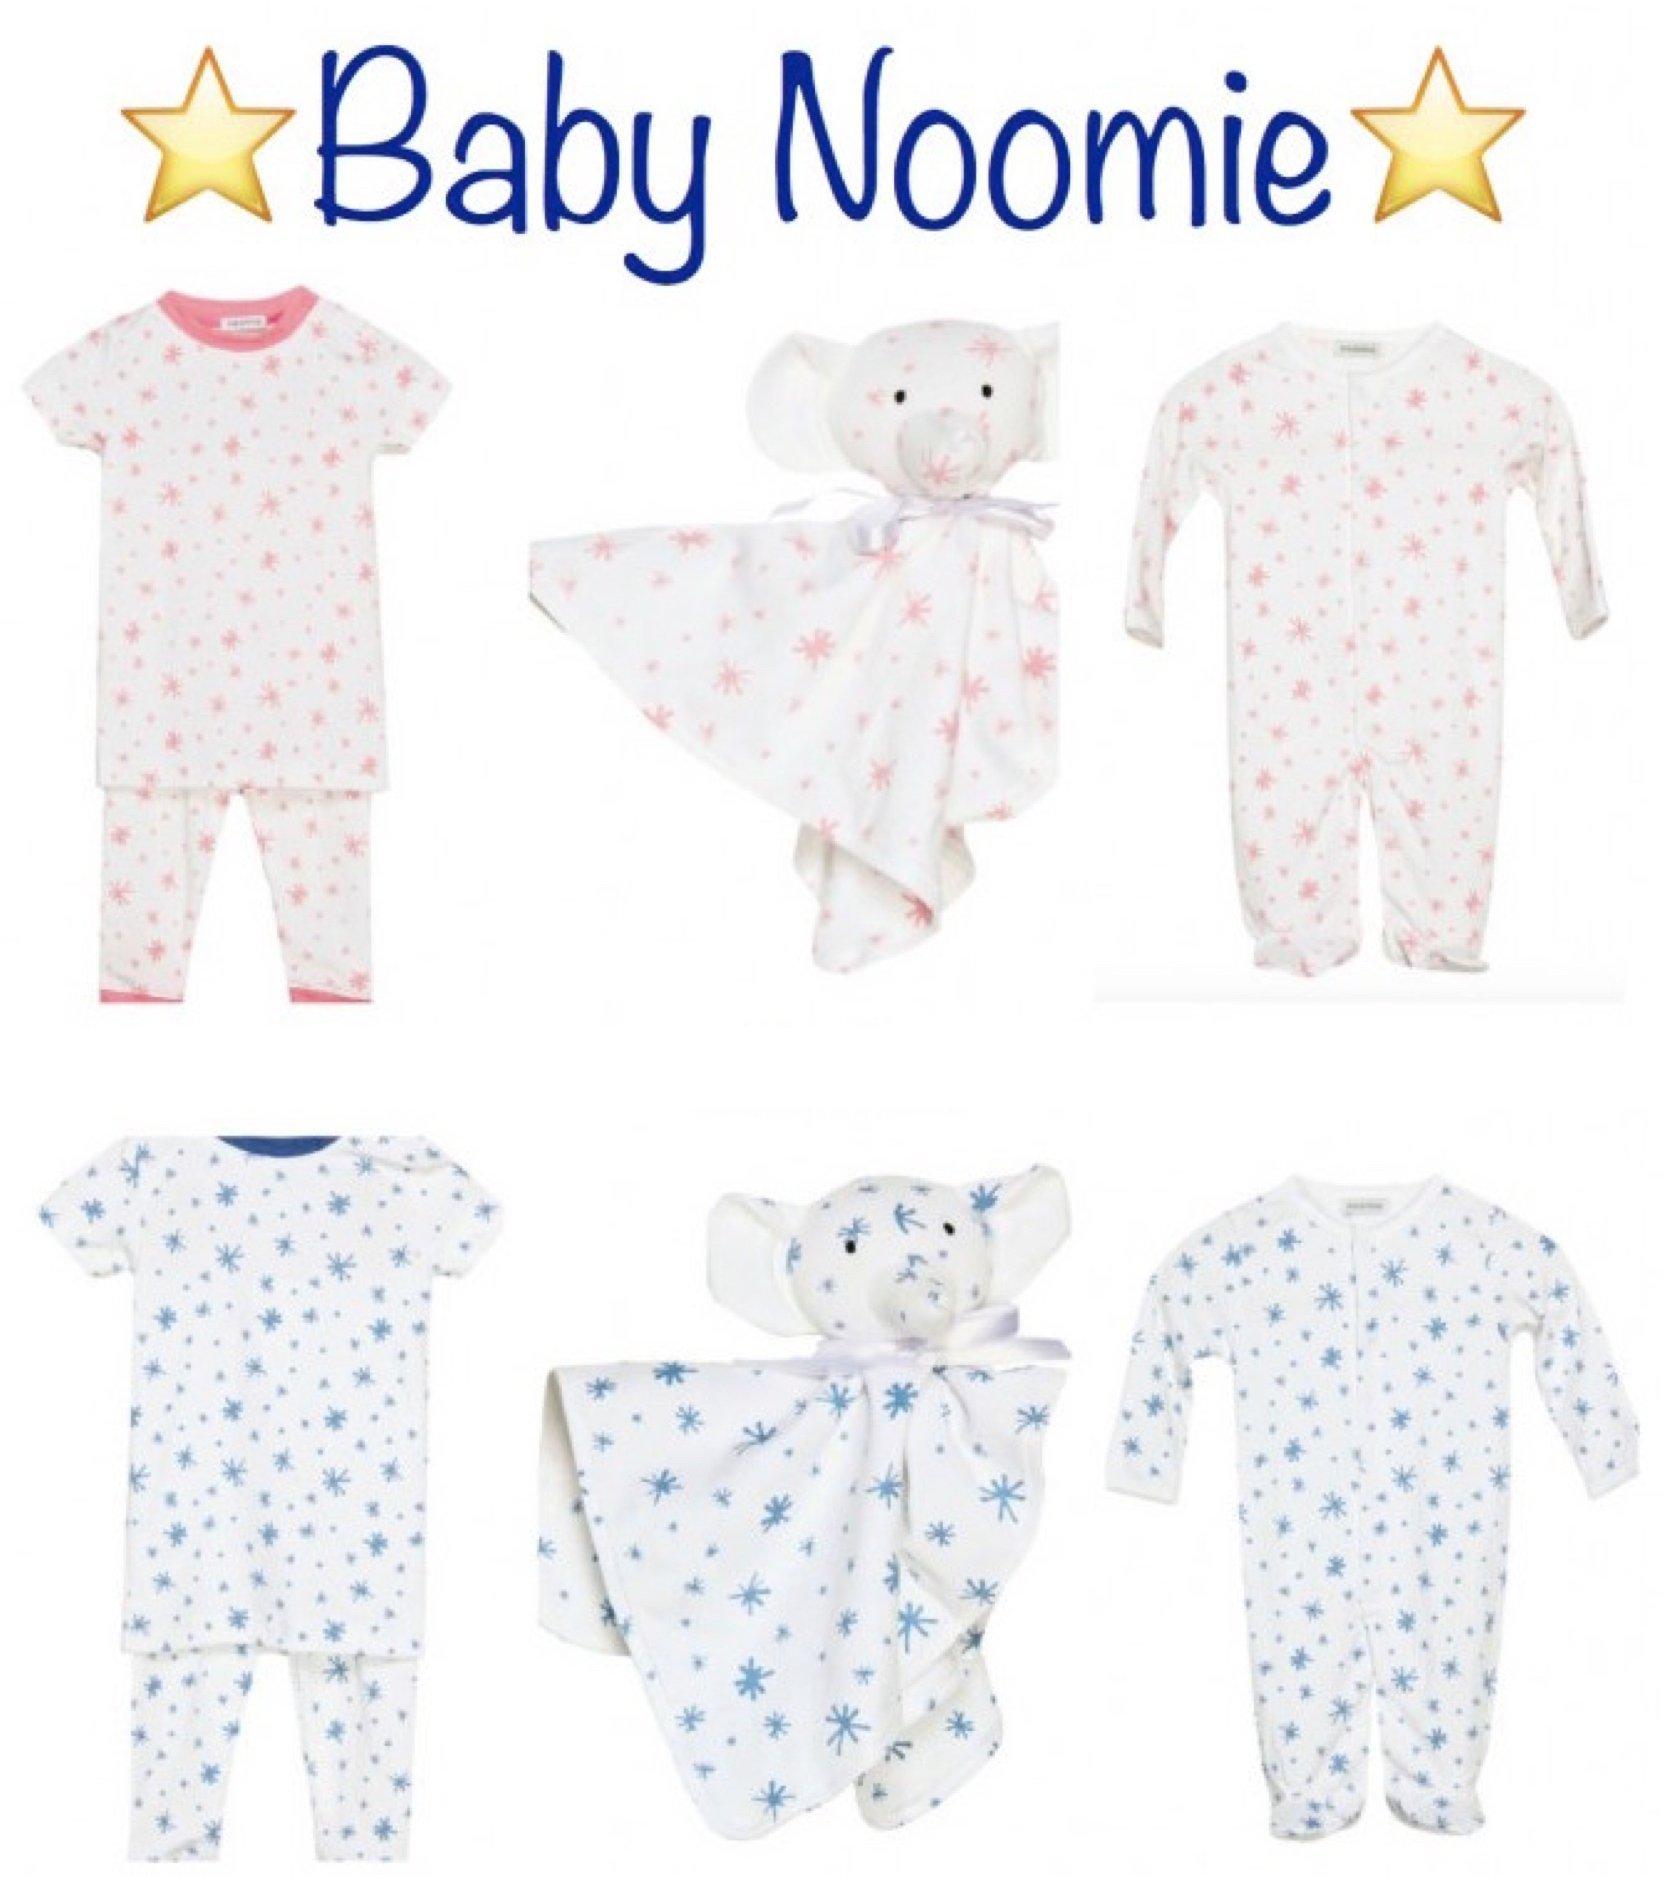 Baby Noomie Gender Reveal Gifts